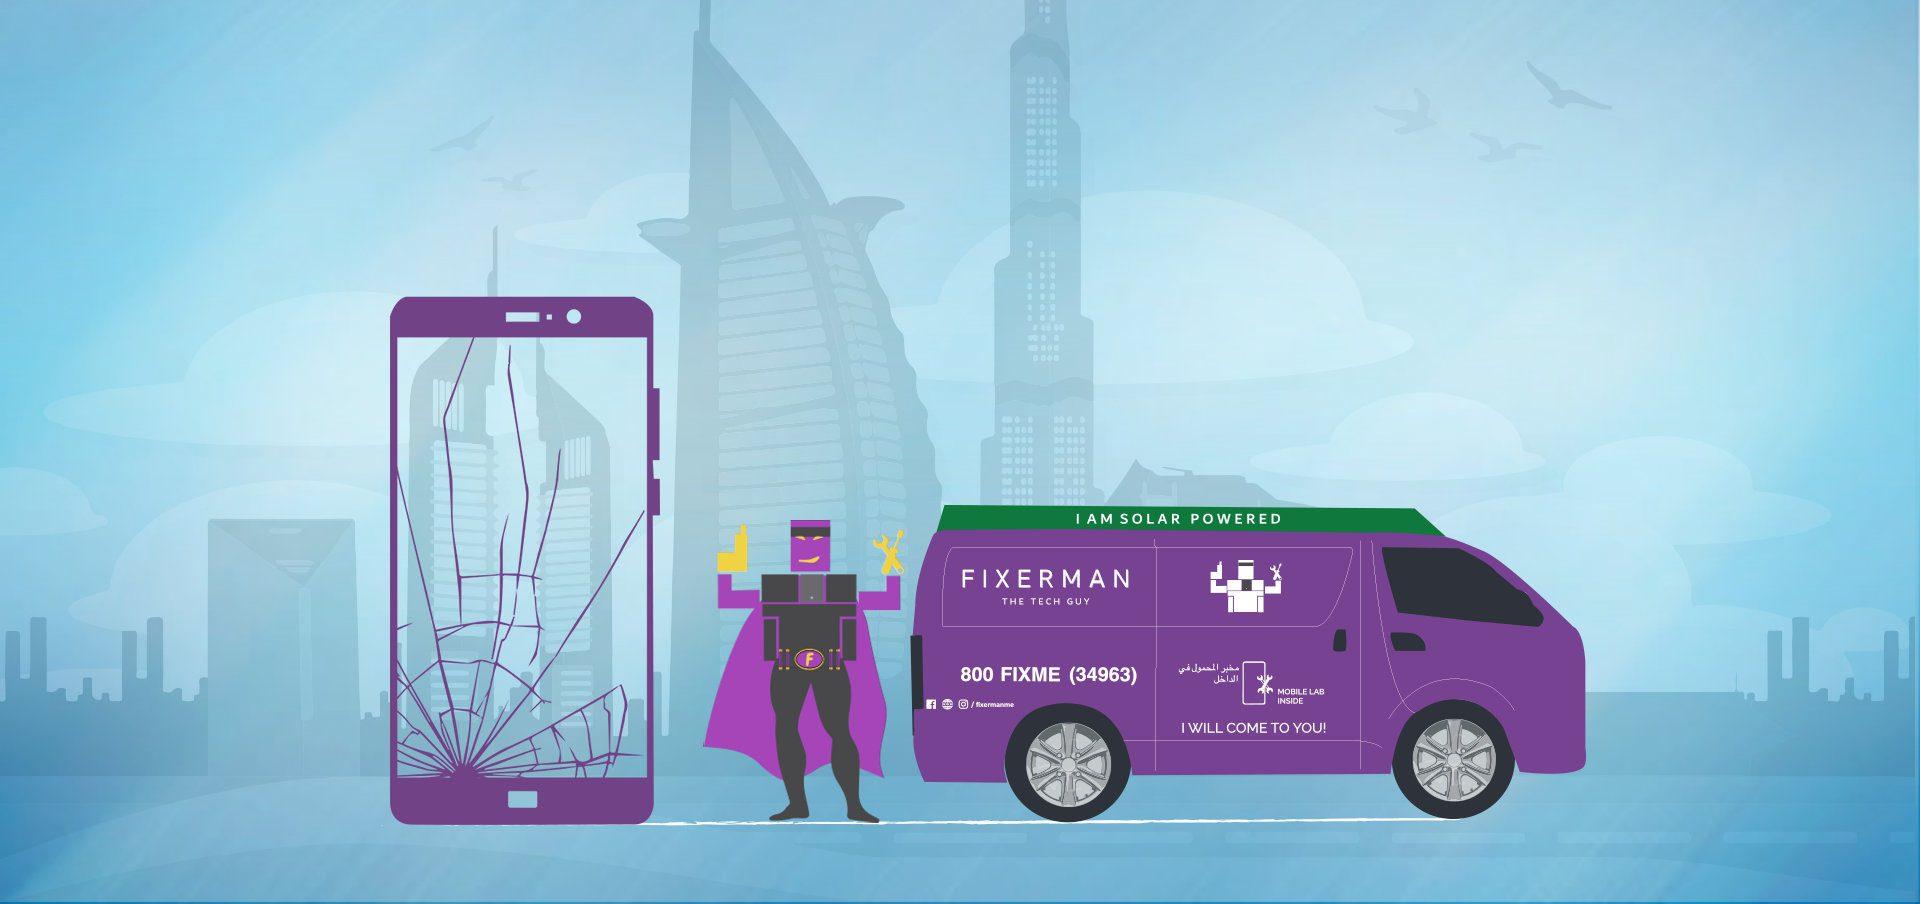 Best mobile repair in Dubai